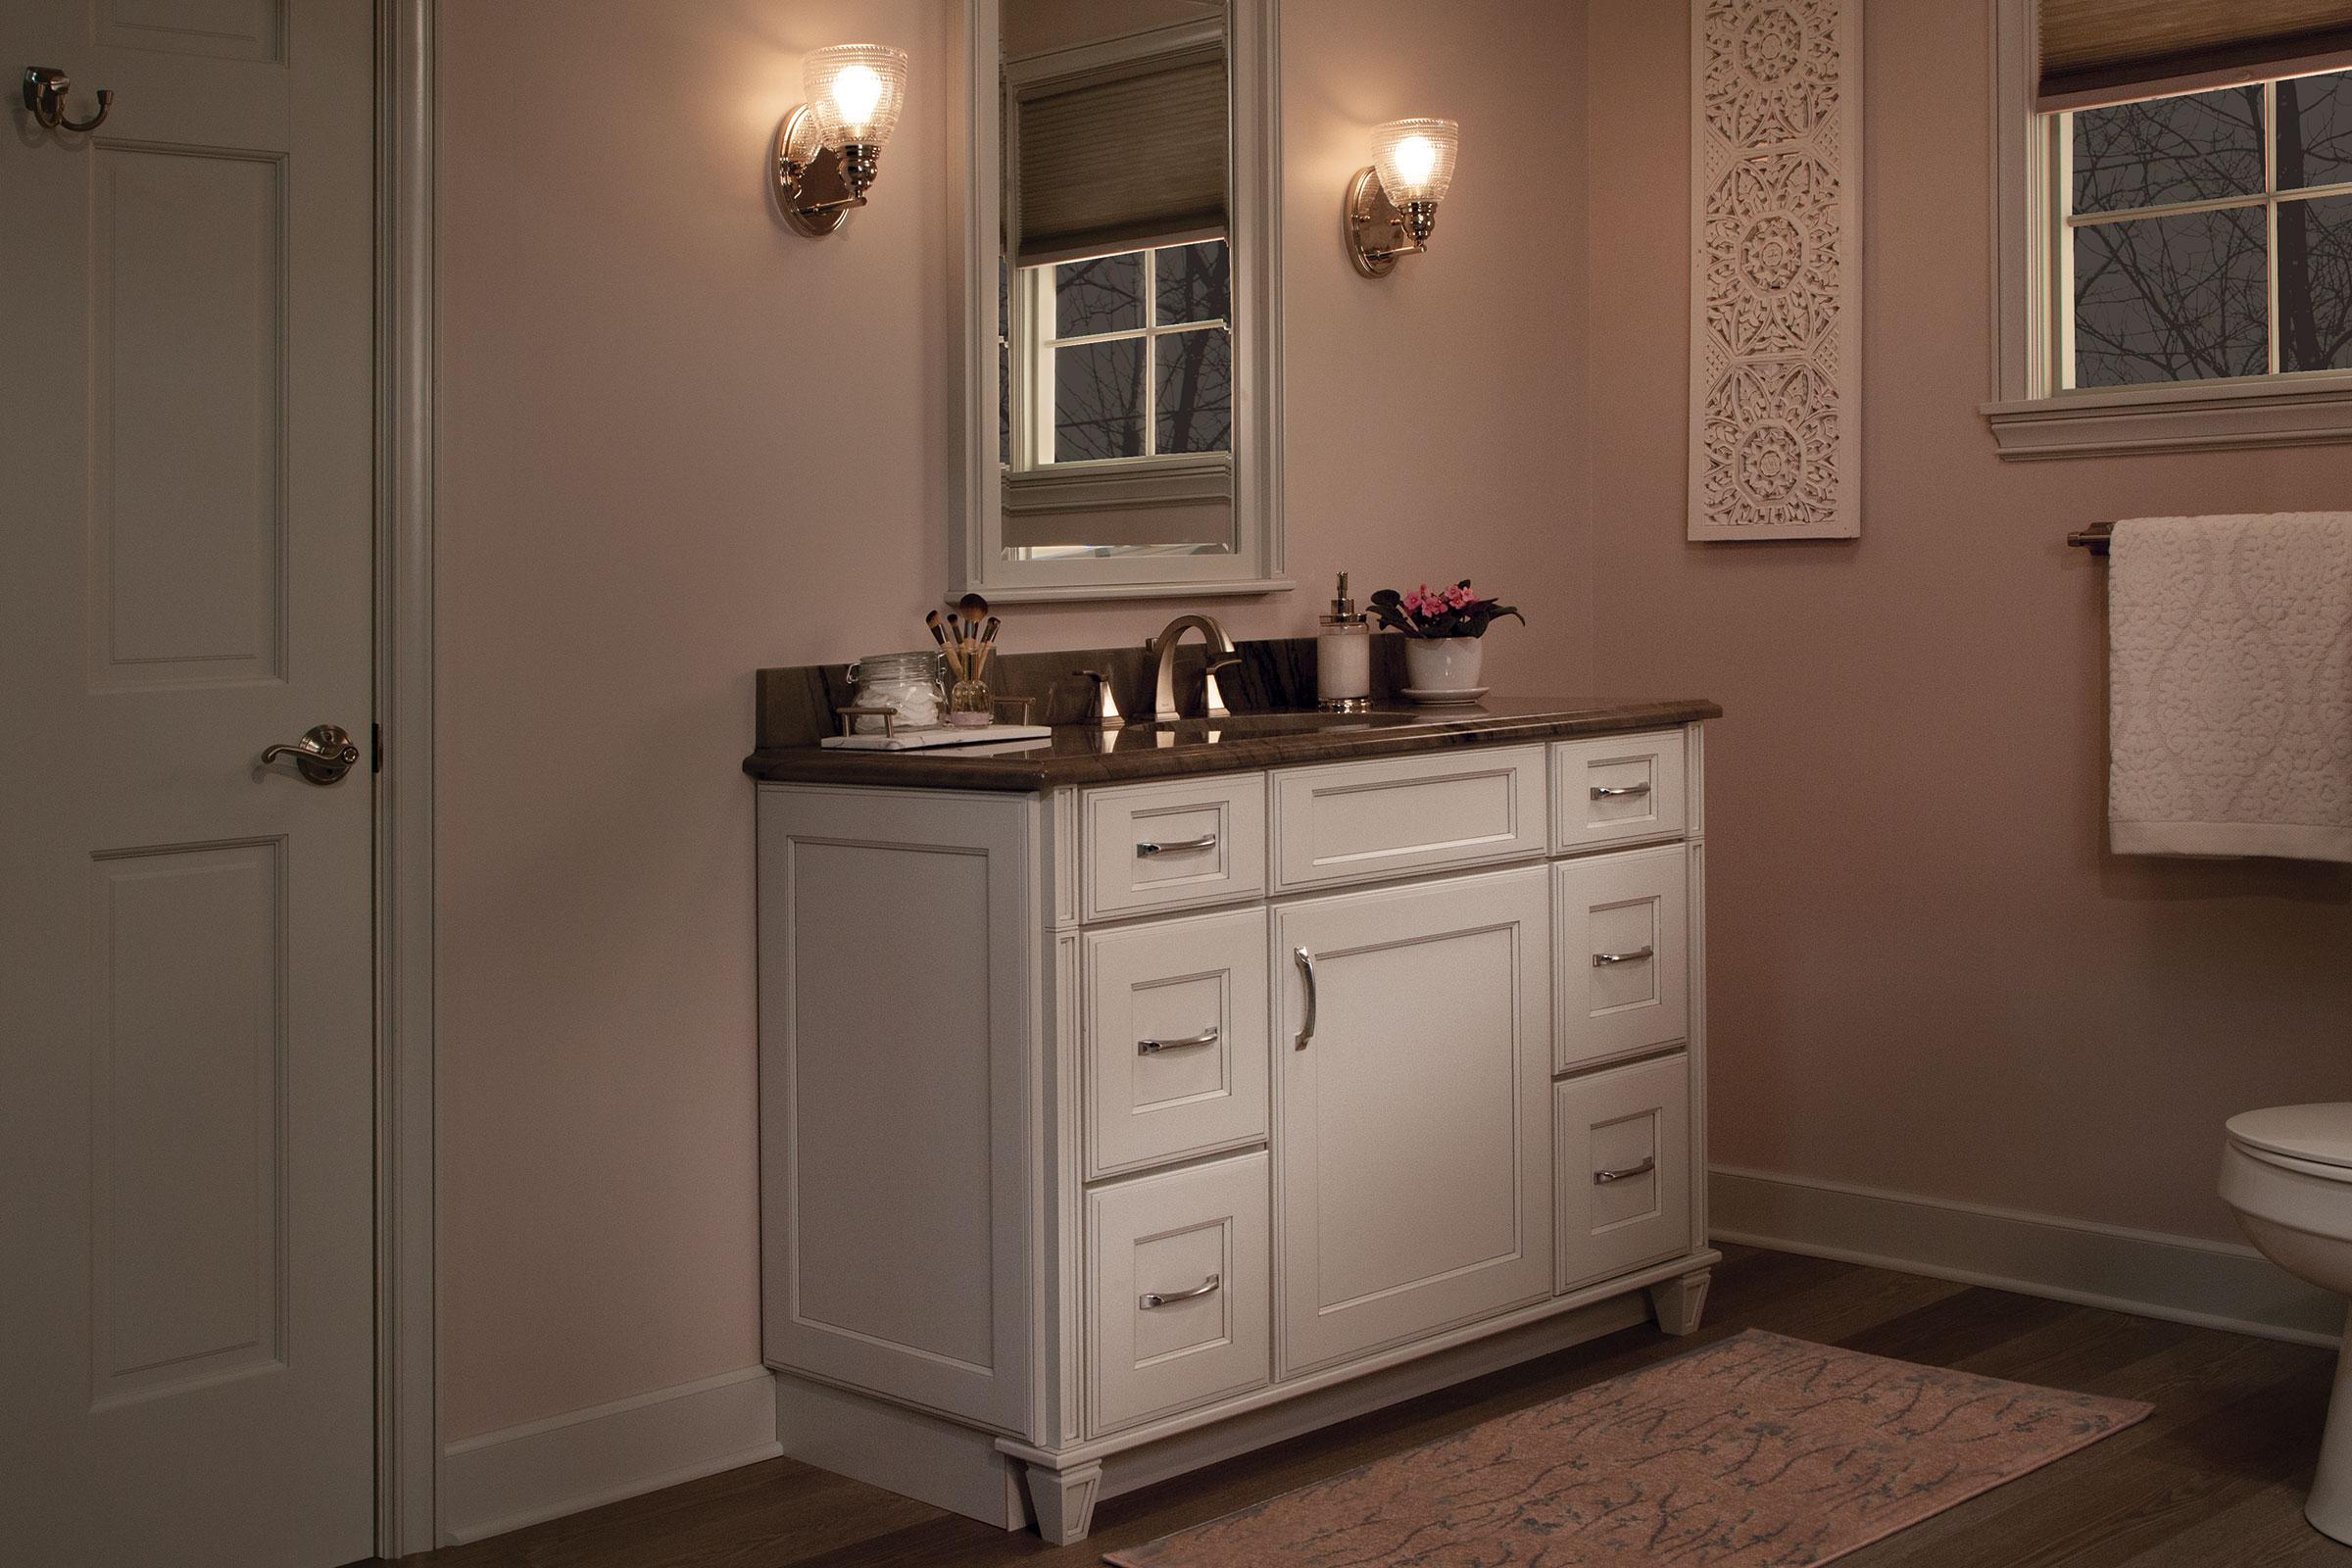 KraftMaid maximizes small bathroom space.